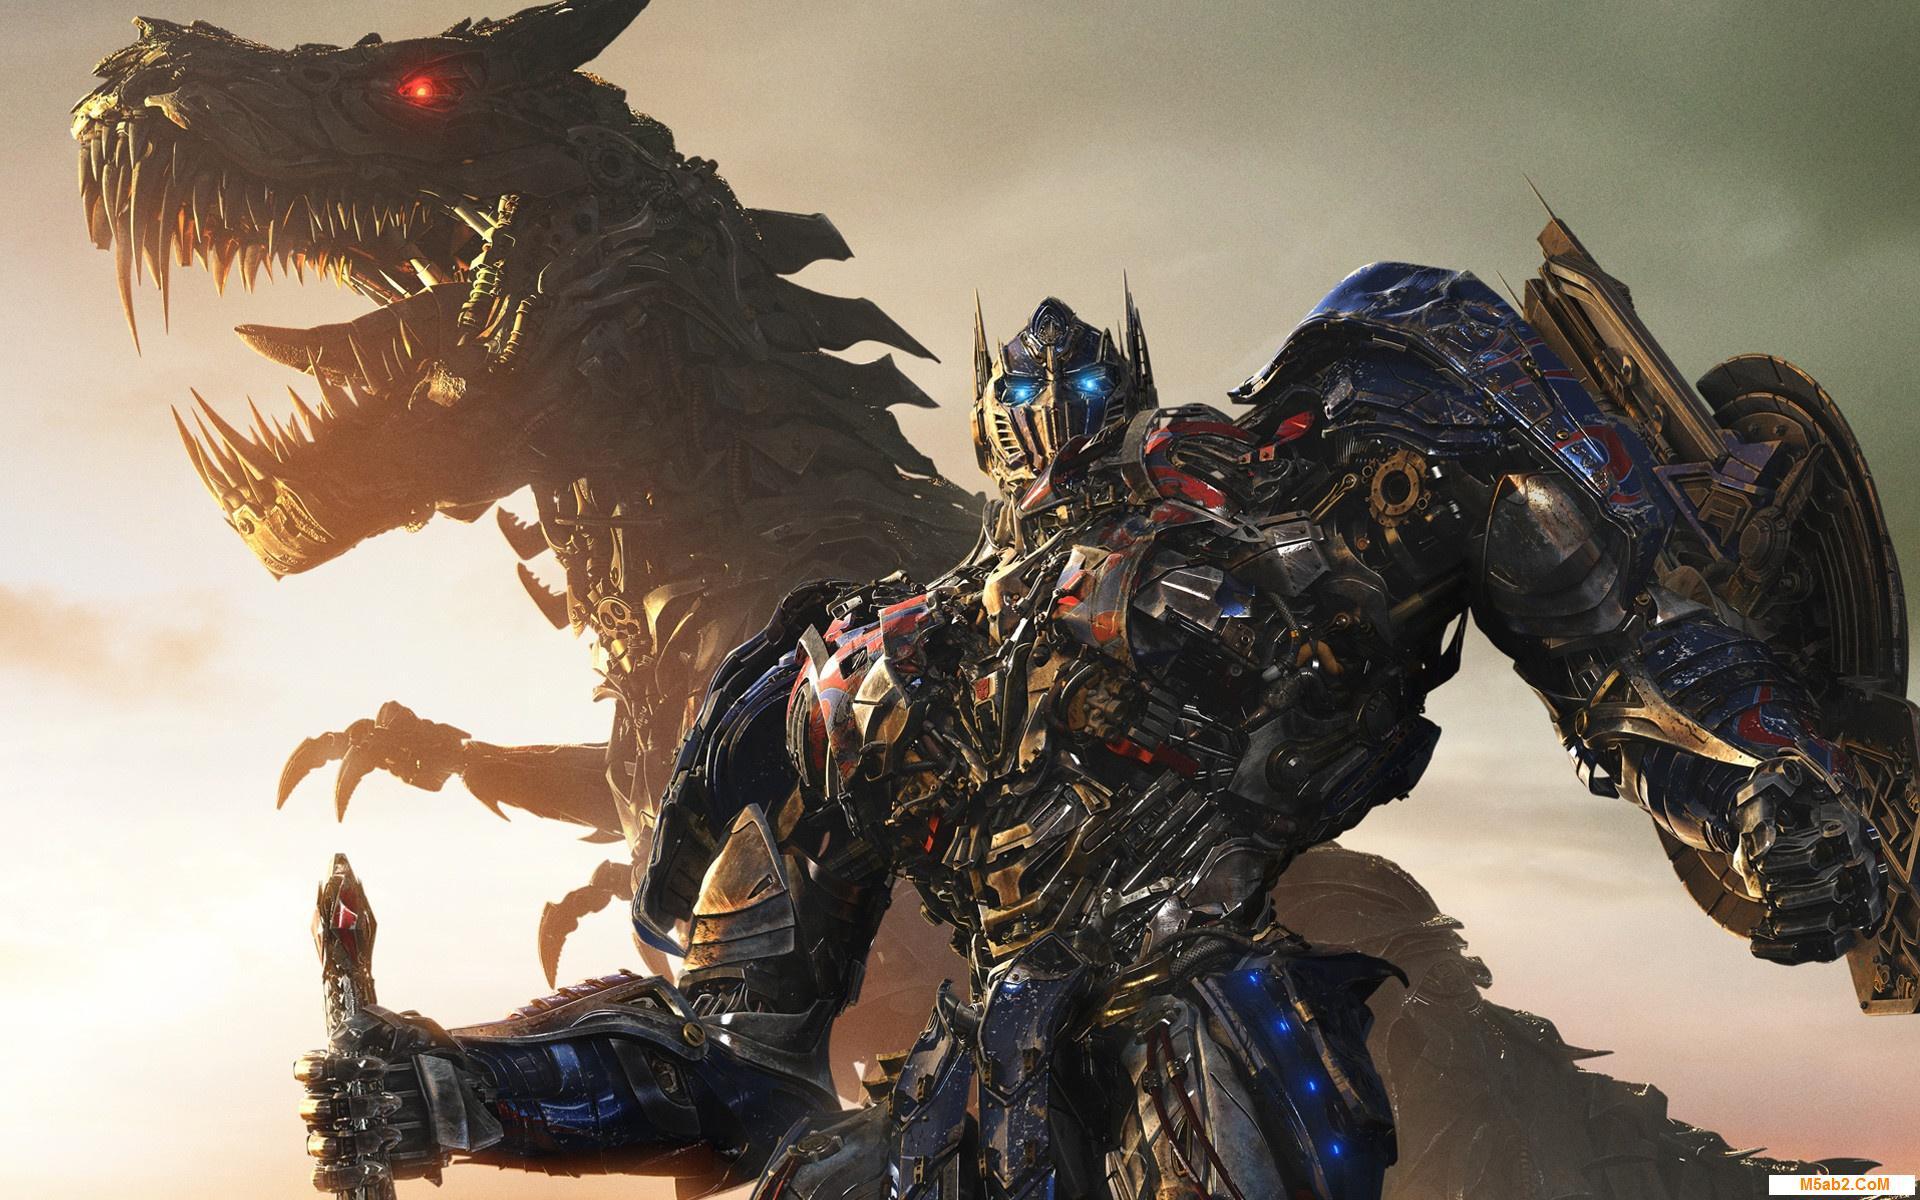 Michael Bay سيقوم بإخراج فيلم الـ Transformers الخامس وسيكون فيلمه الأخير في السلسلة